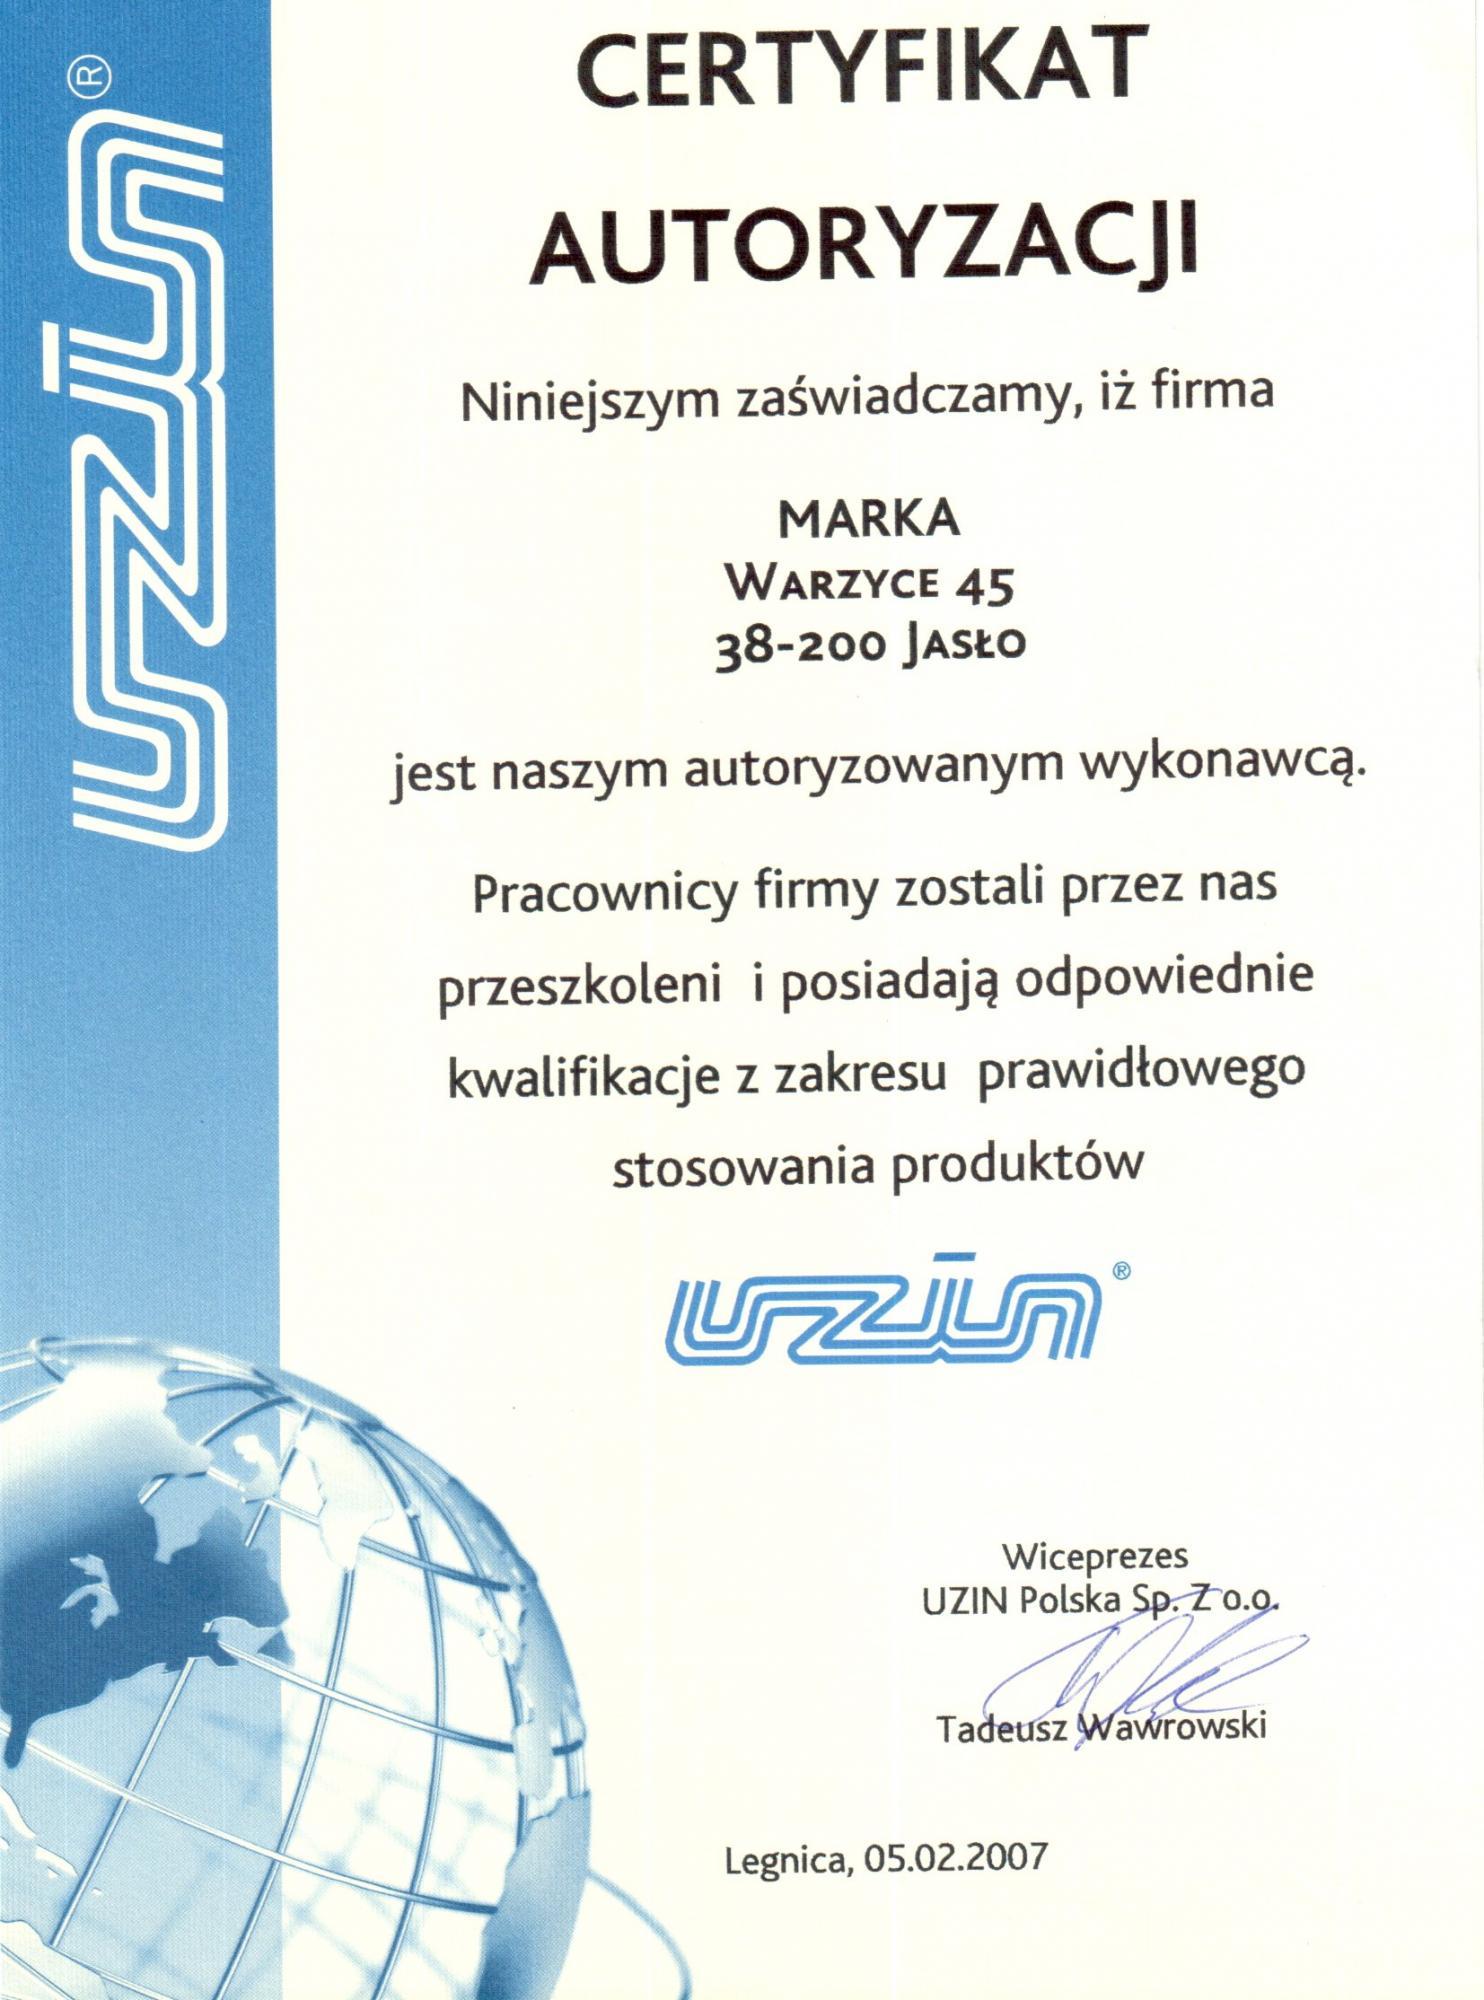 autoryzacja Uzin 2007(1)